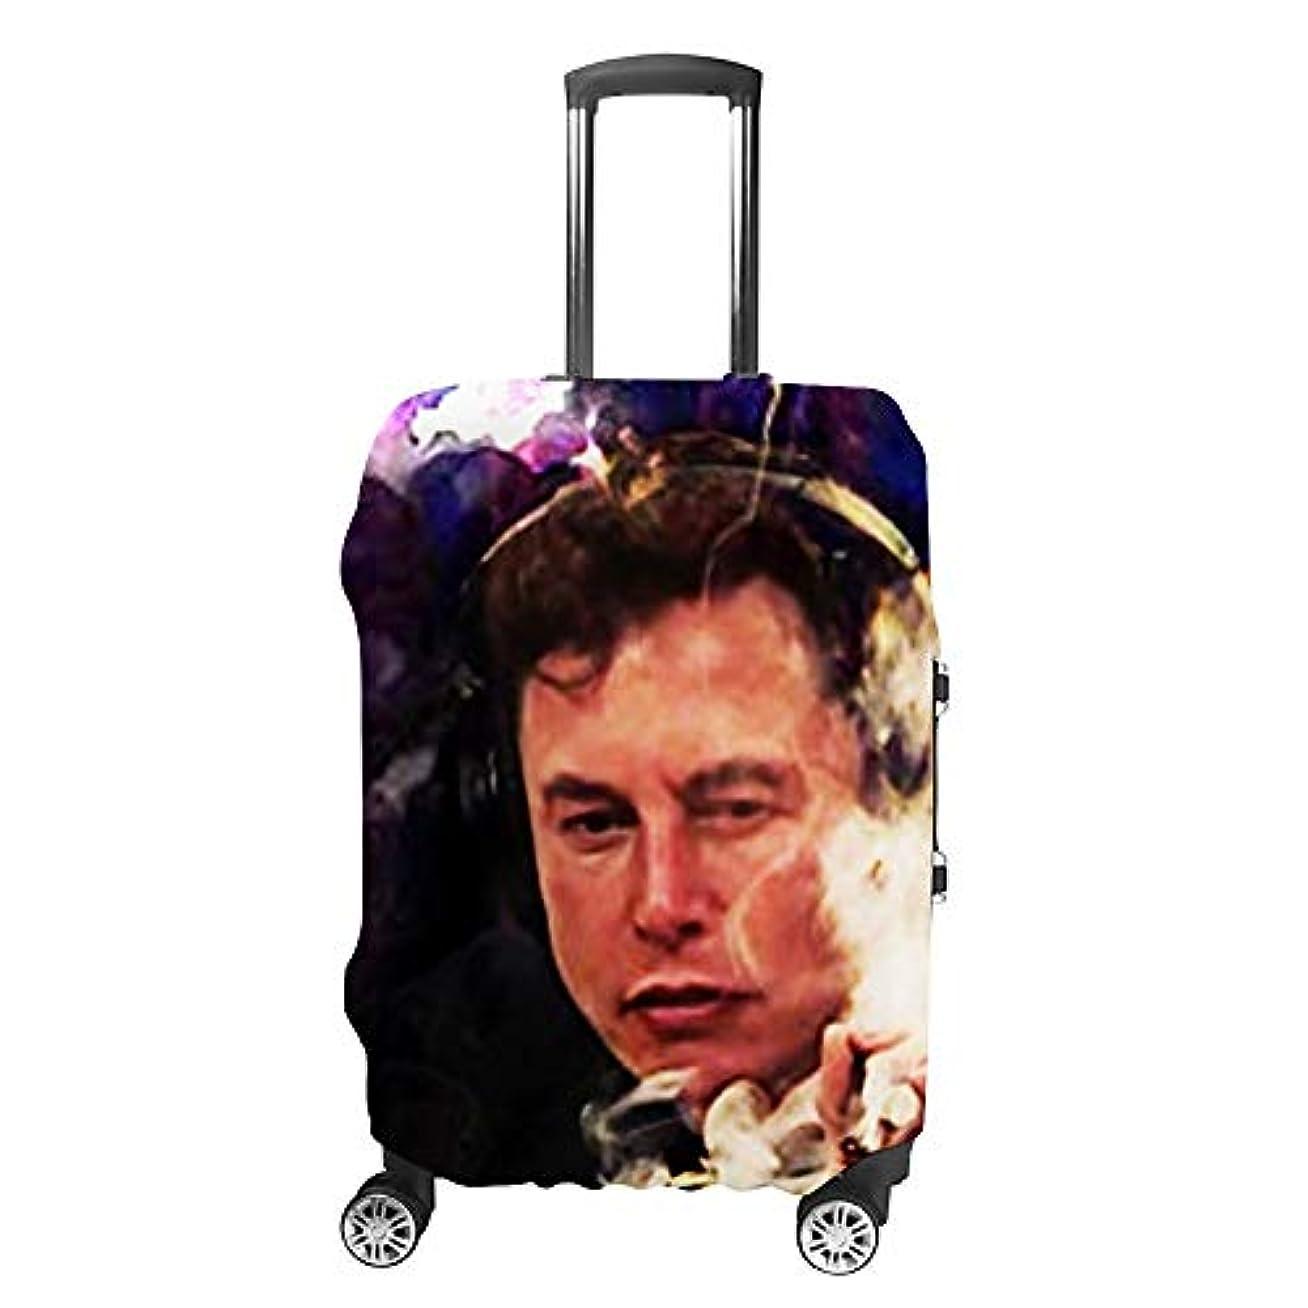 不測の事態処理する風景Elon Musk ファッション旅行荷物カバースーツケース荷物プロテクター旅行カバー男性用女性用